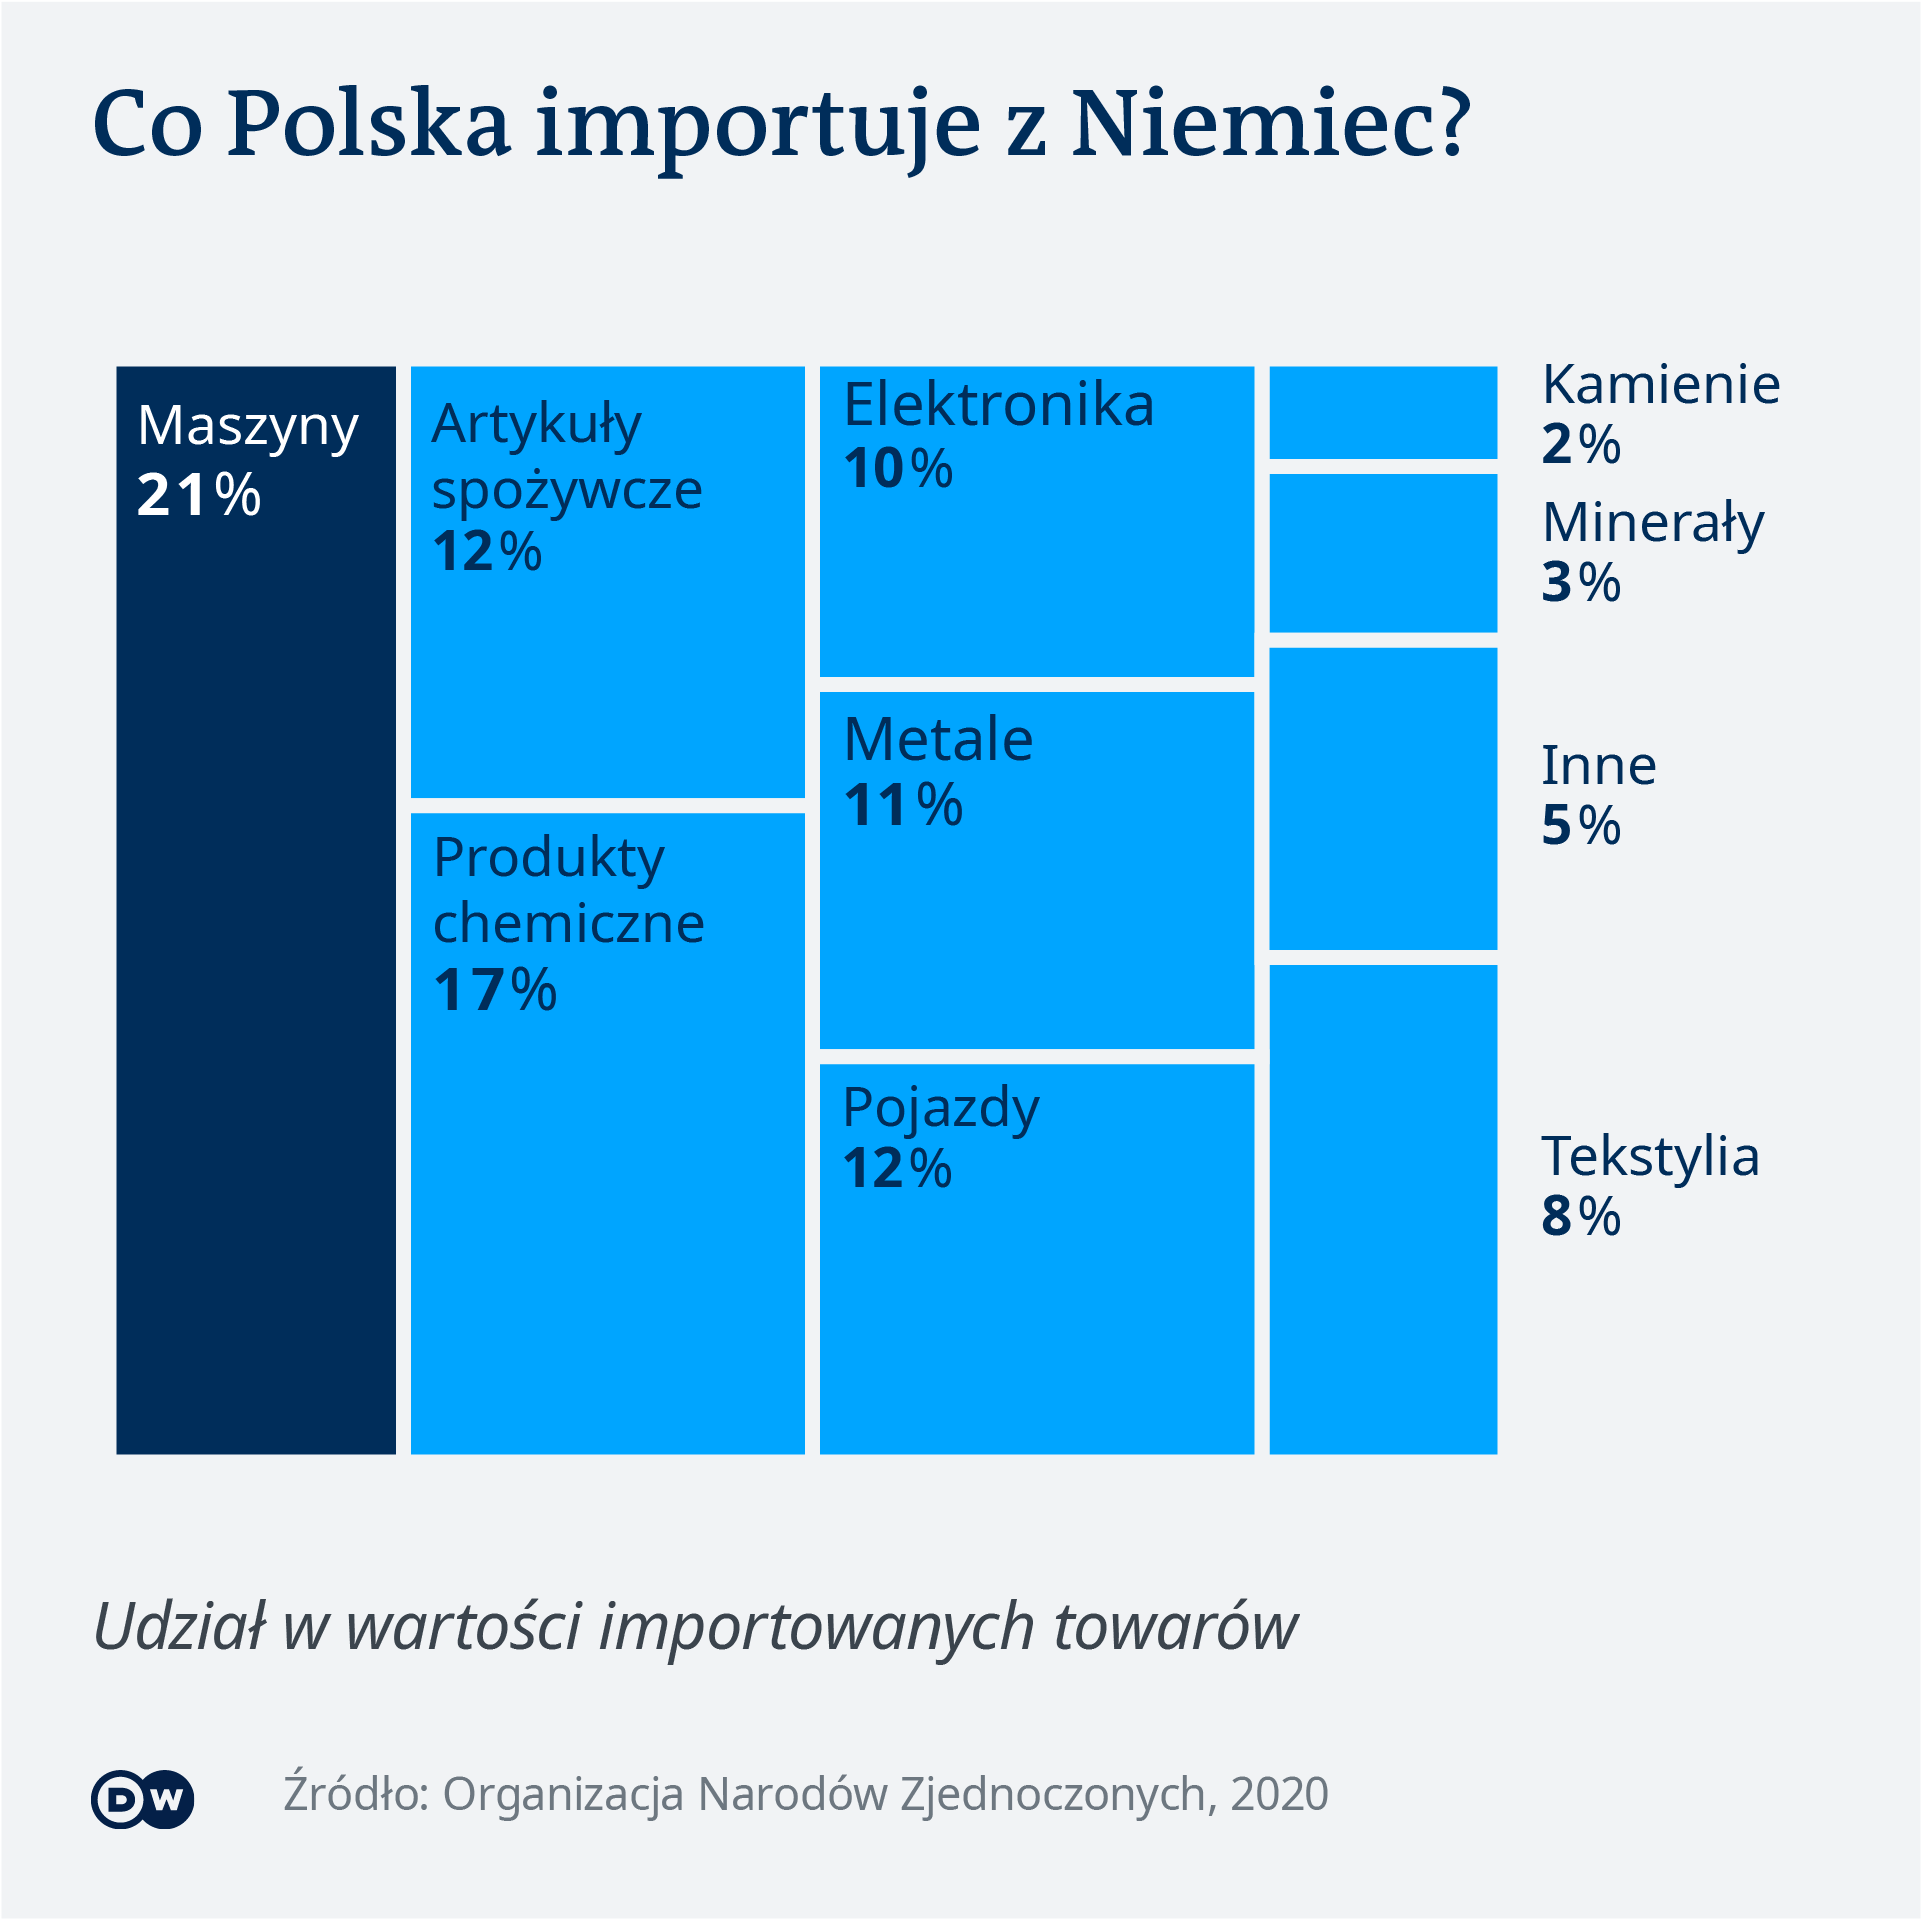 Import z Niemiec do Polski